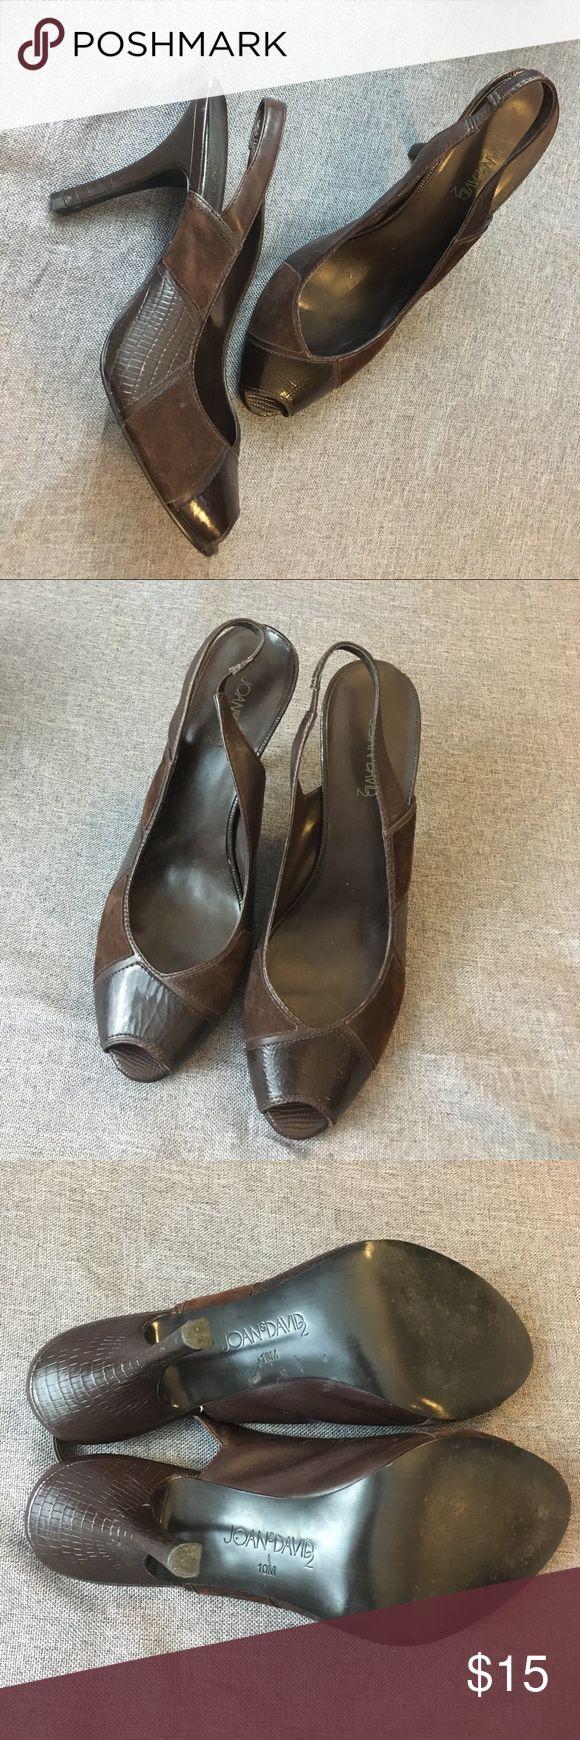 Vintage Joan & David Brown Sling Back Heels Vintage Joan & David Brown Sling Back Heels. Joan & David Shoes Heels